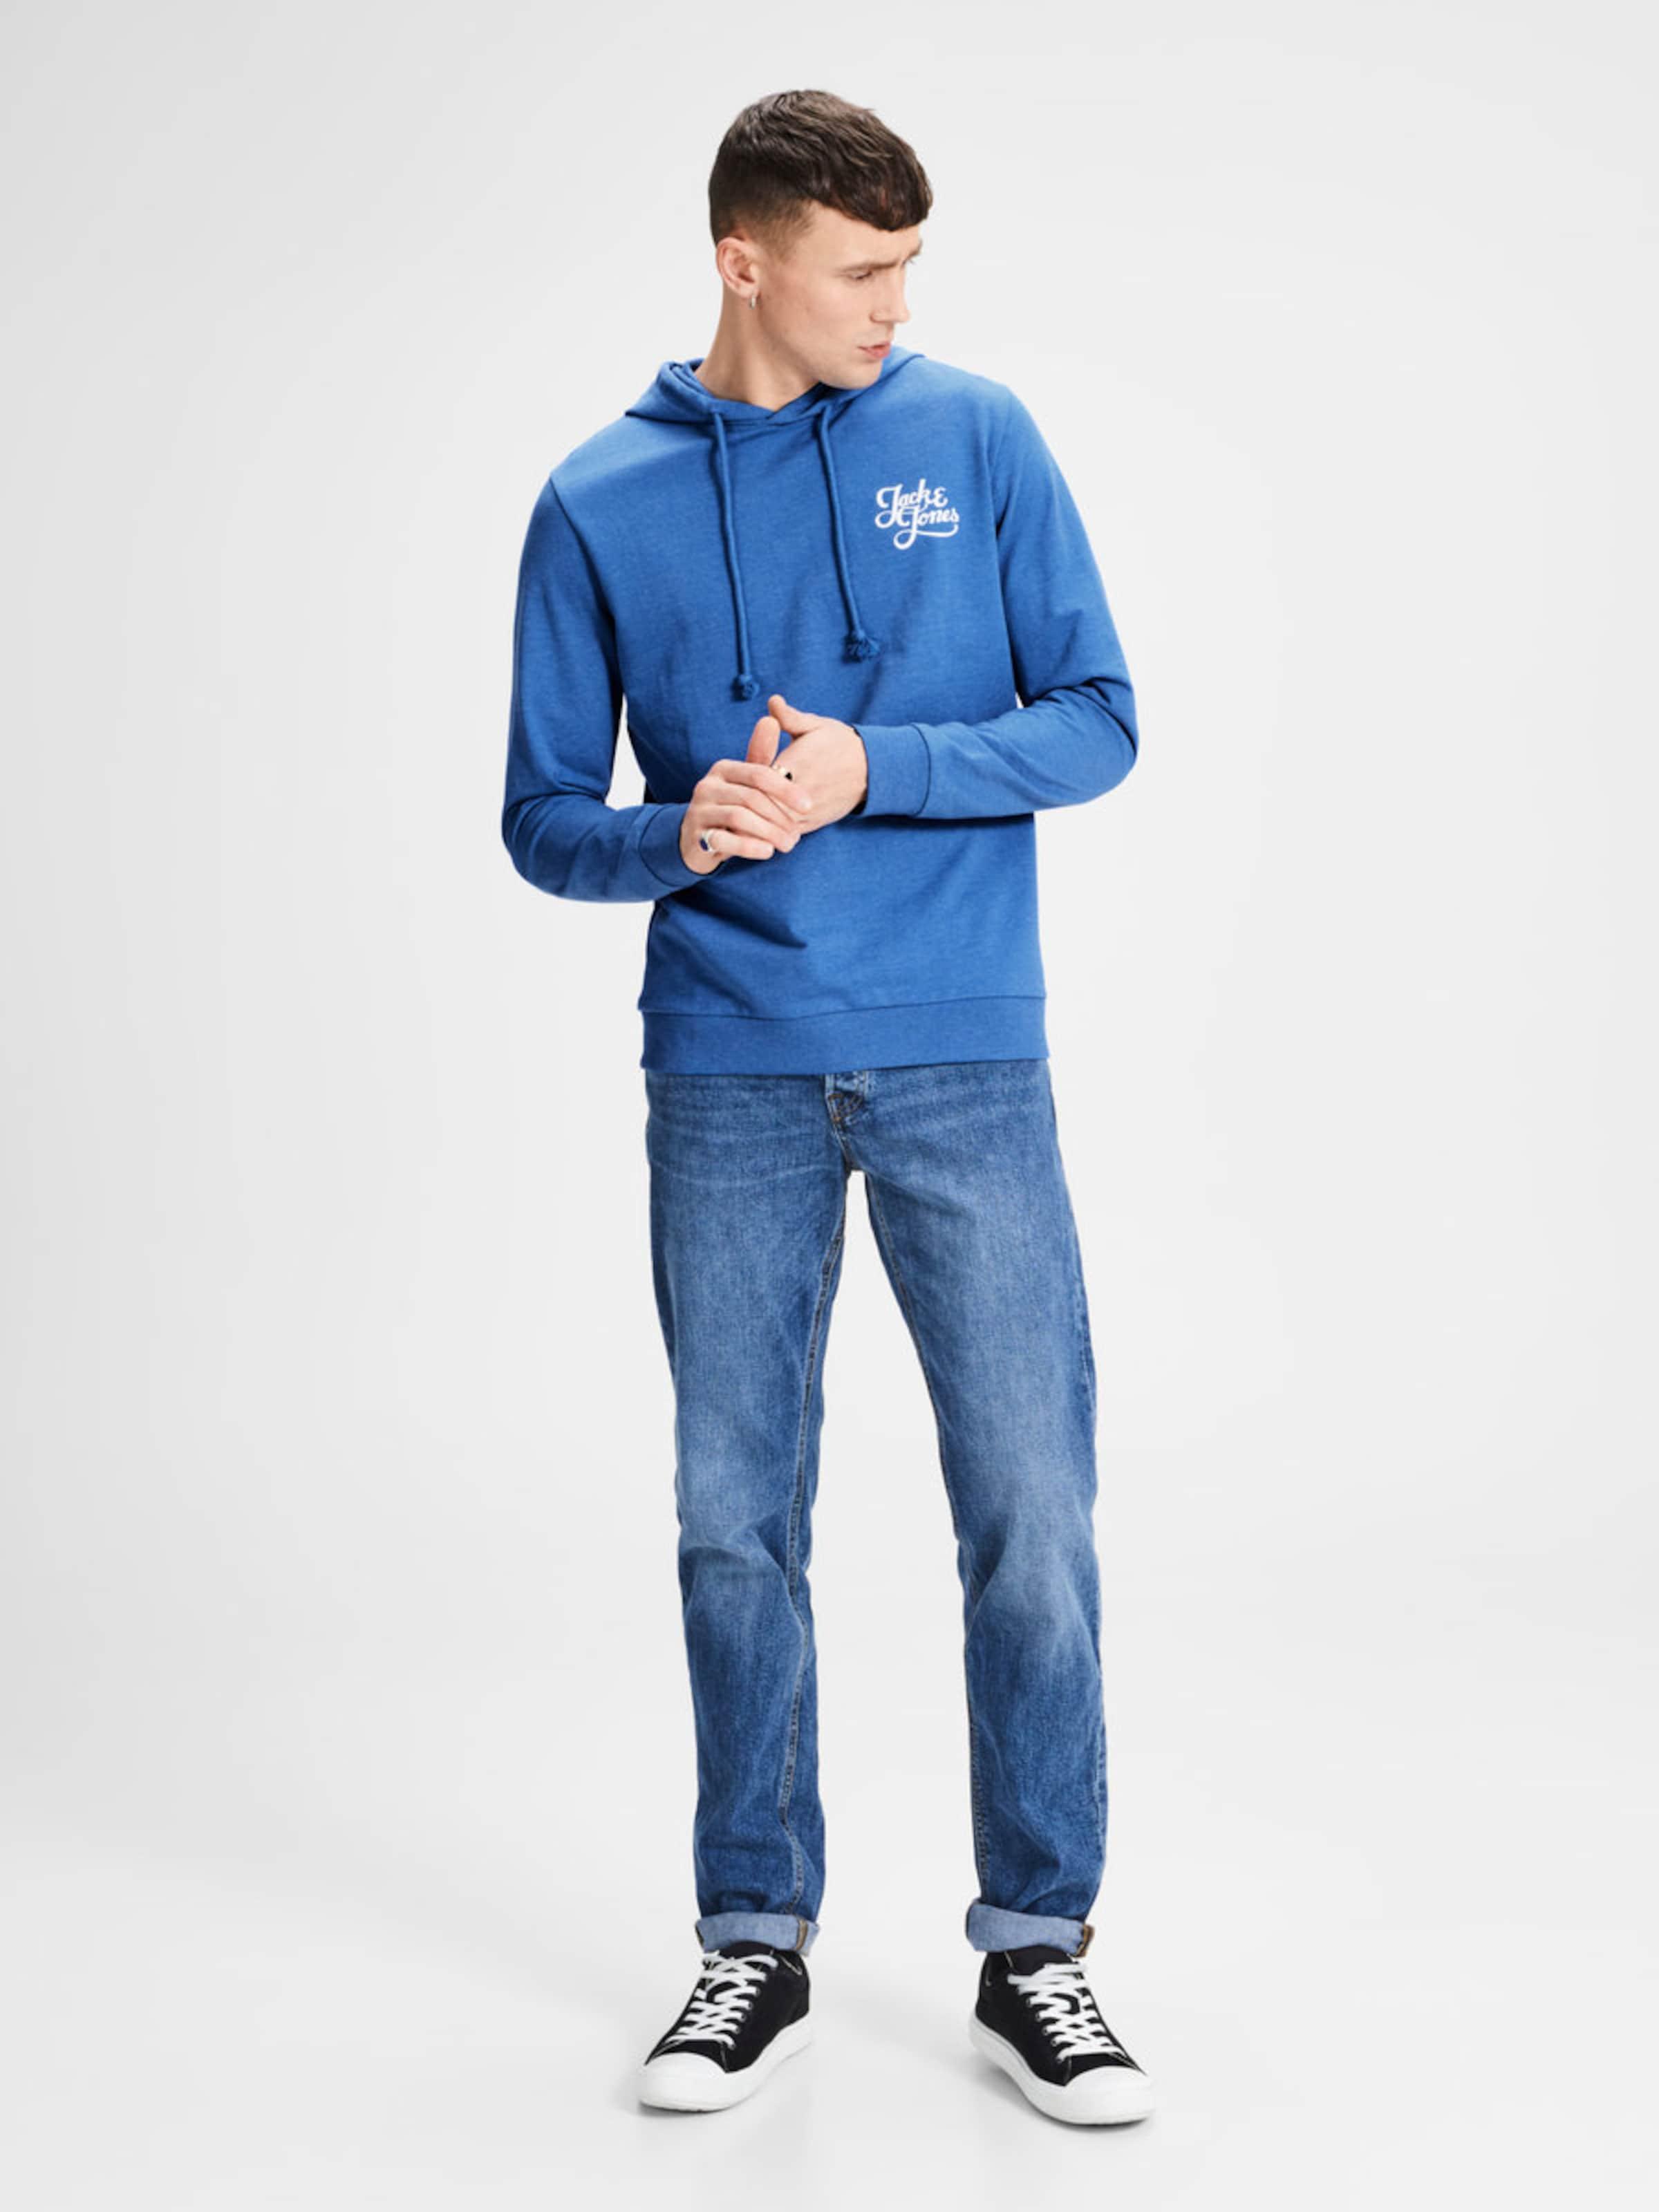 JACK & JONES Sweatshirt Beliebt Günstig Online Billig Verkauf Besuch Anzuzeigen Günstigen Preis 8uvETELhl1